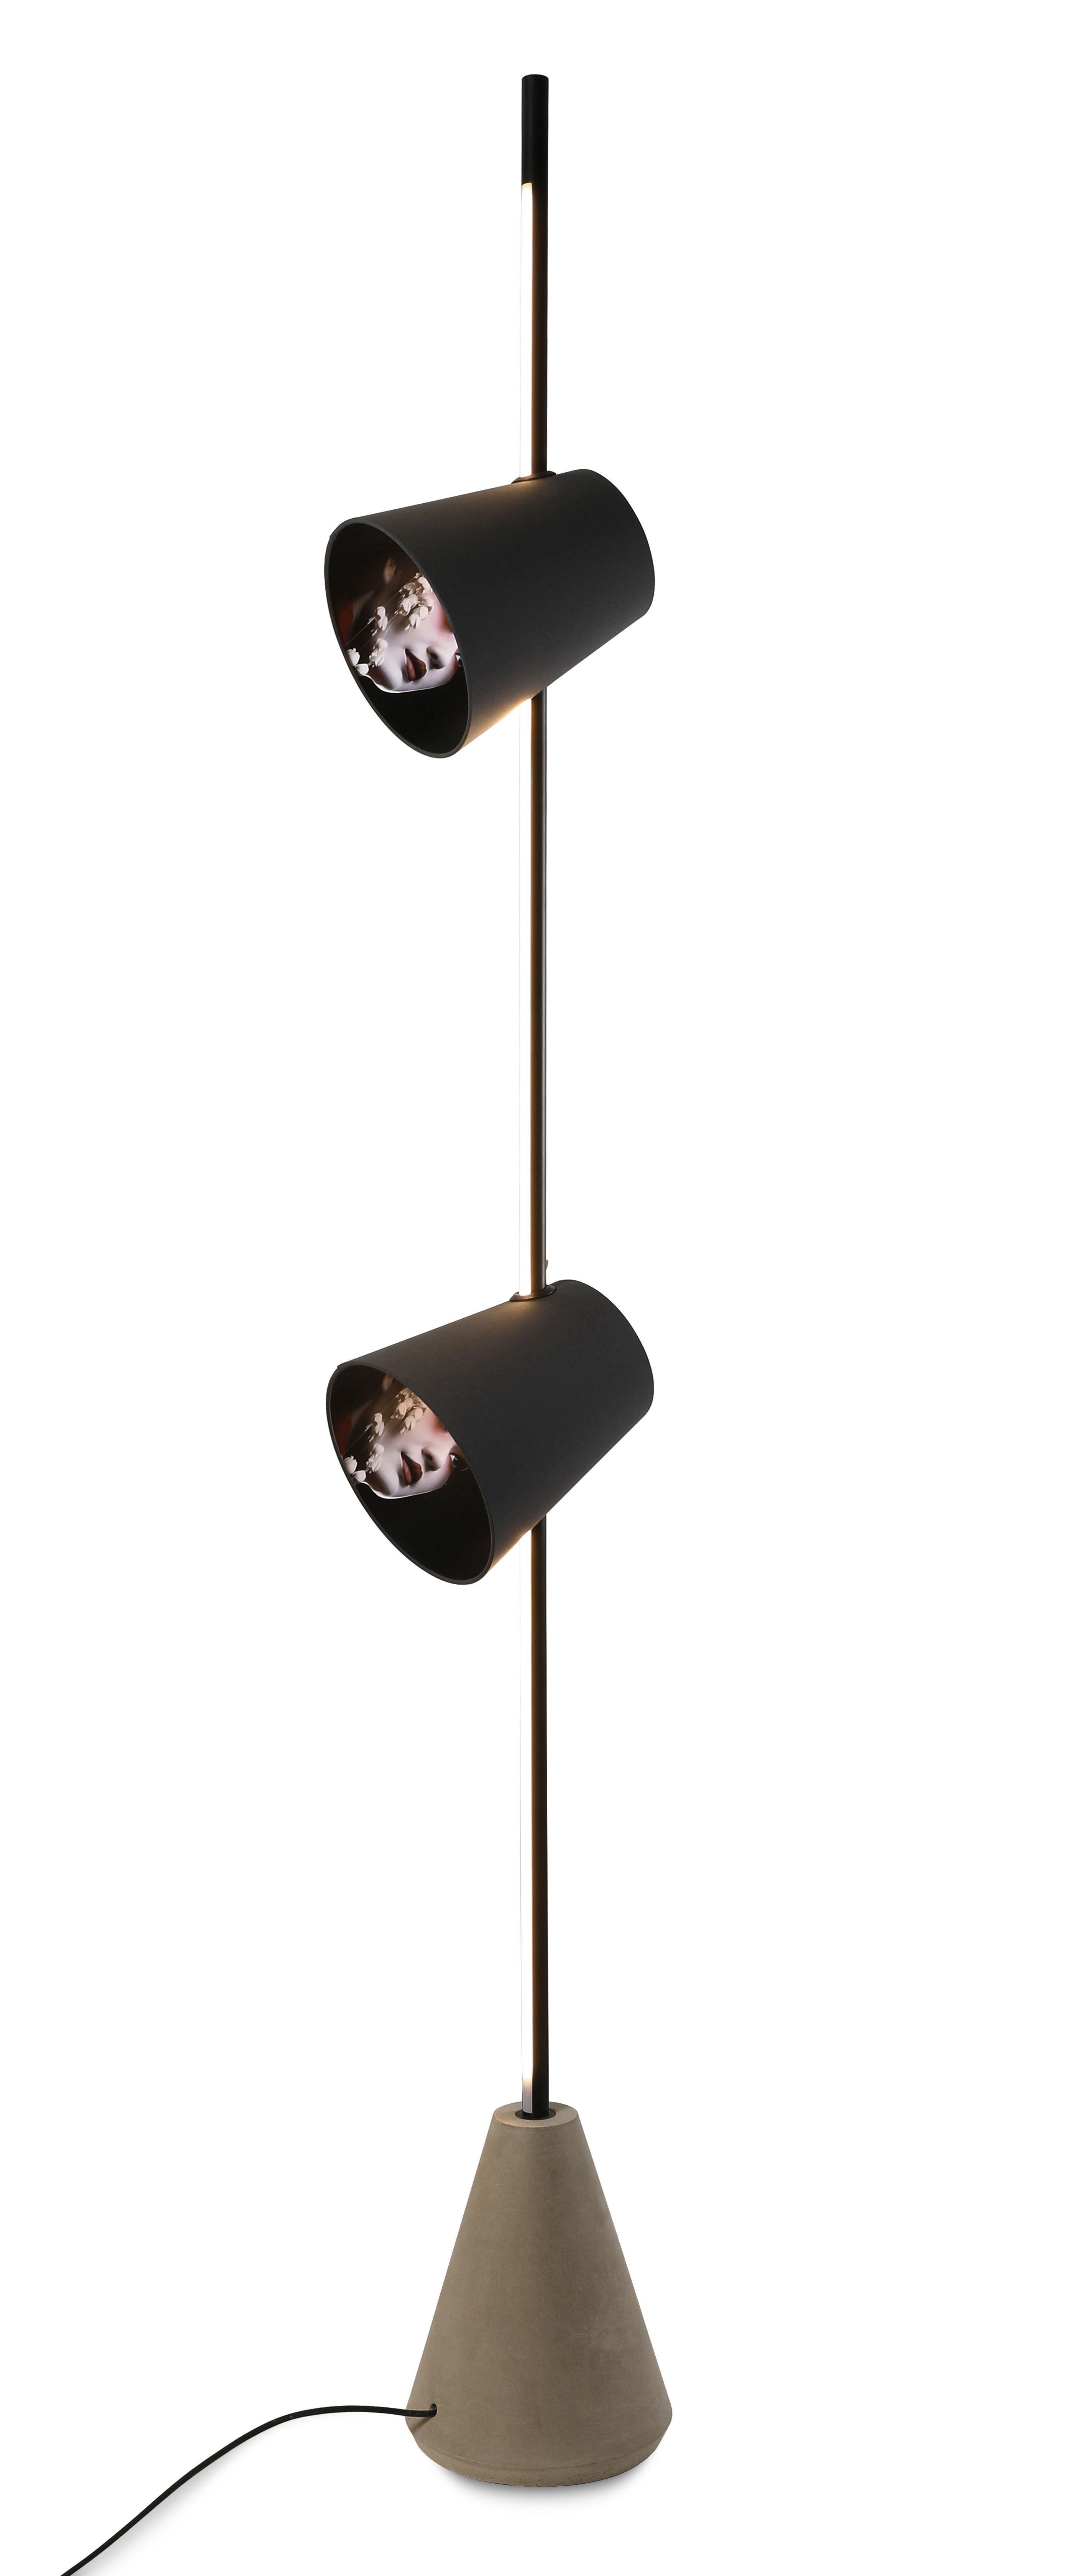 Illuminazione - Lampade da terra - Lampada a stelo Cupido LED - / 2 paralumi - Base cemento - H 220 cm di Karman - Nero / Motivo donna asiatica - Alluminio laccato, Calcestruzzo, Cotone